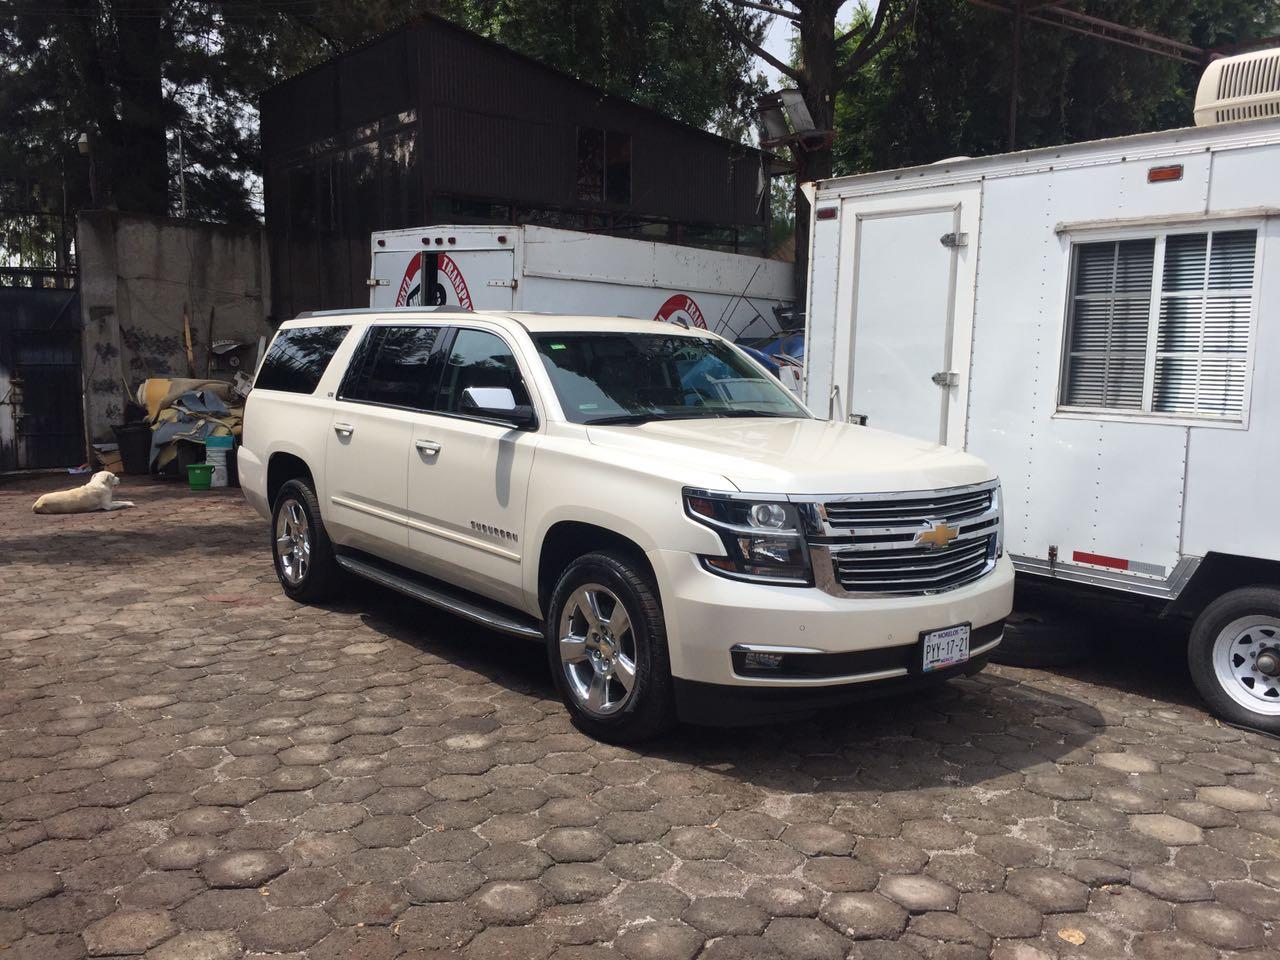 Camioneta Clientes